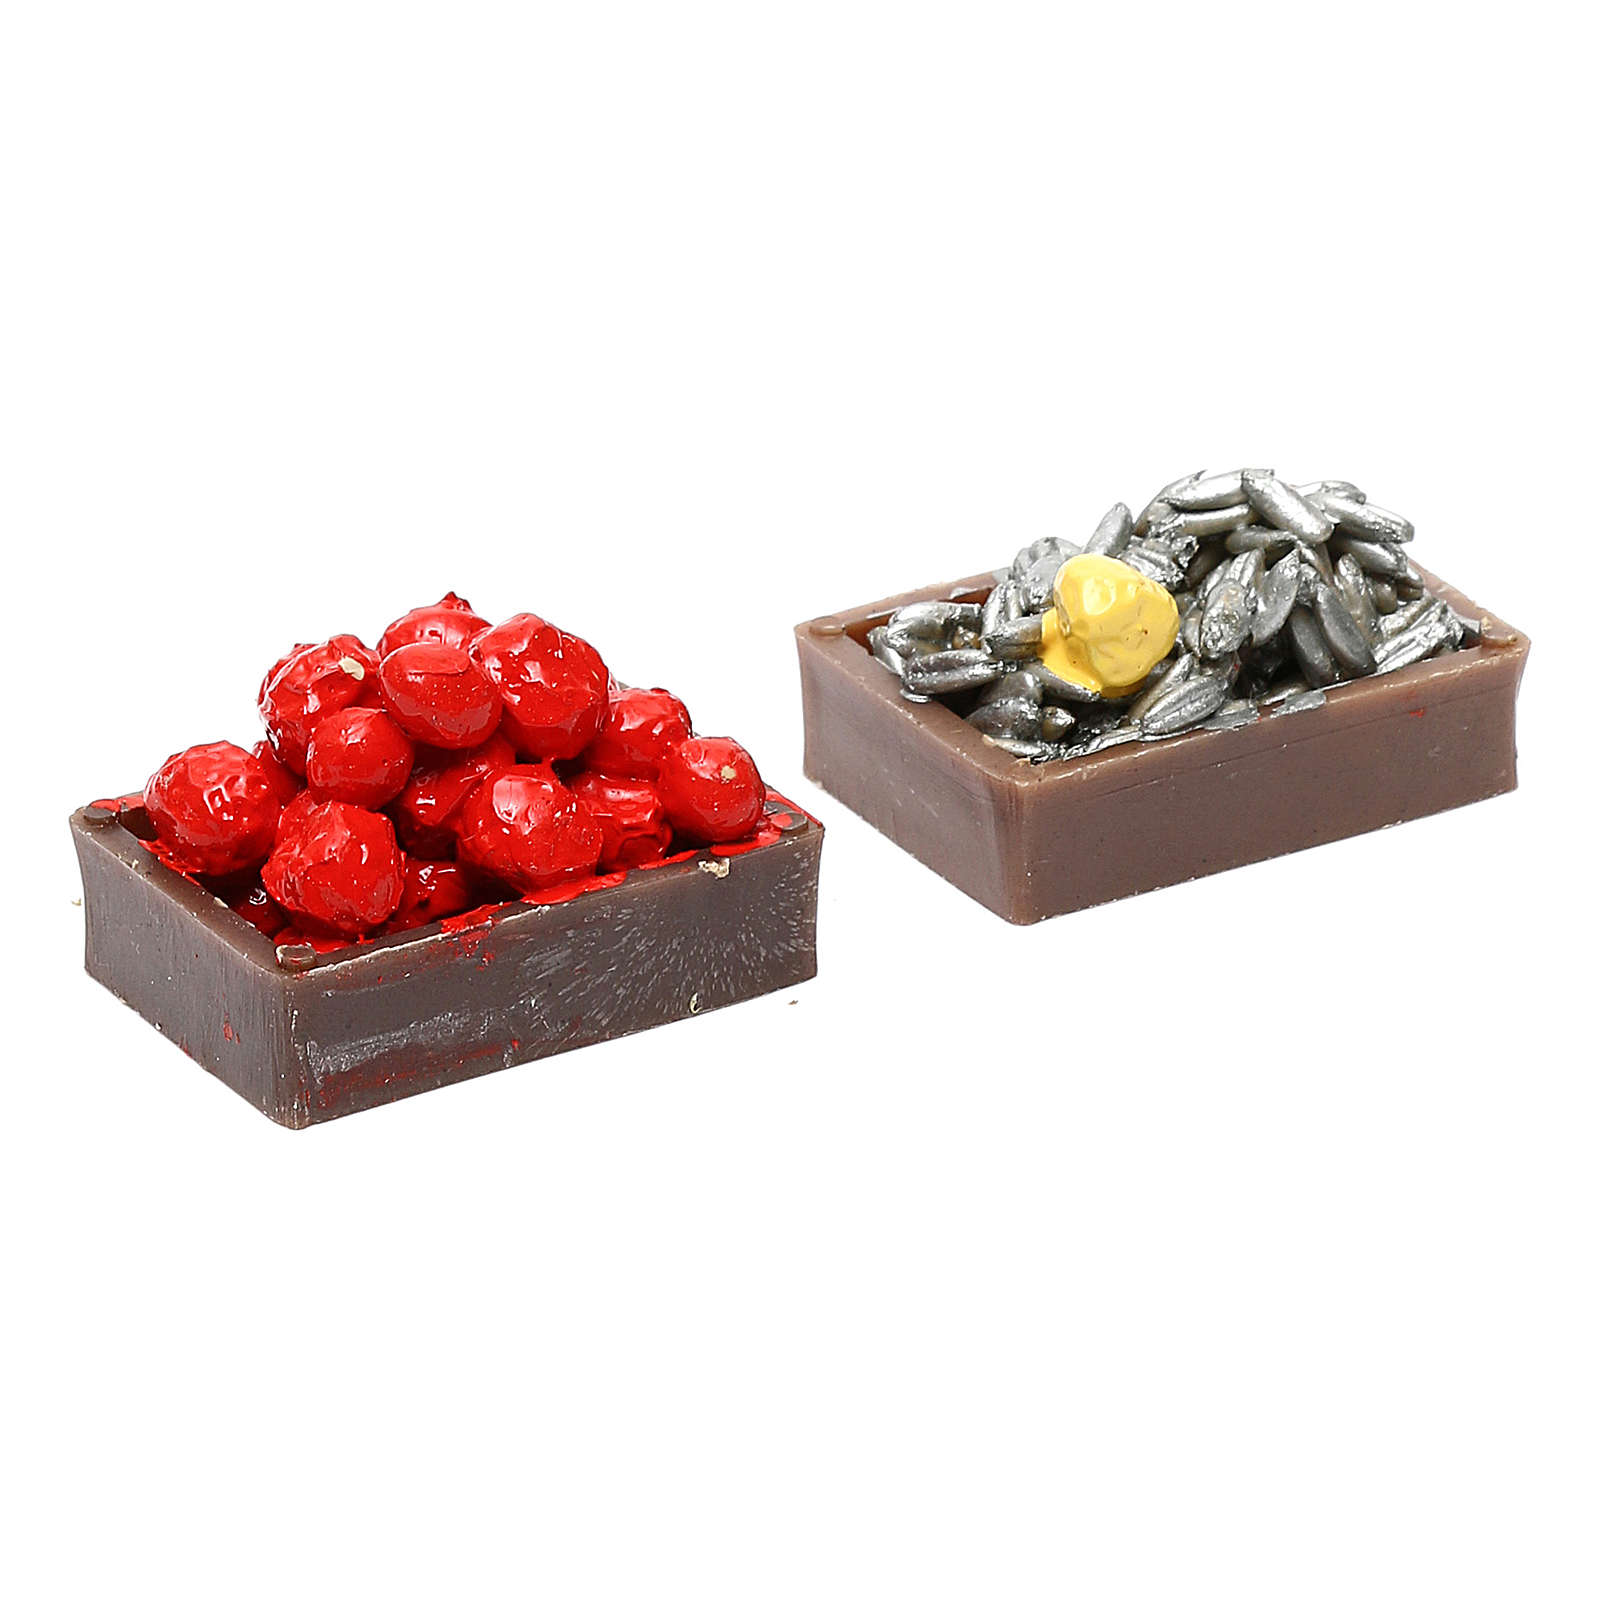 Cagette fruits, légumes et poisson crèche 2 pcs 4